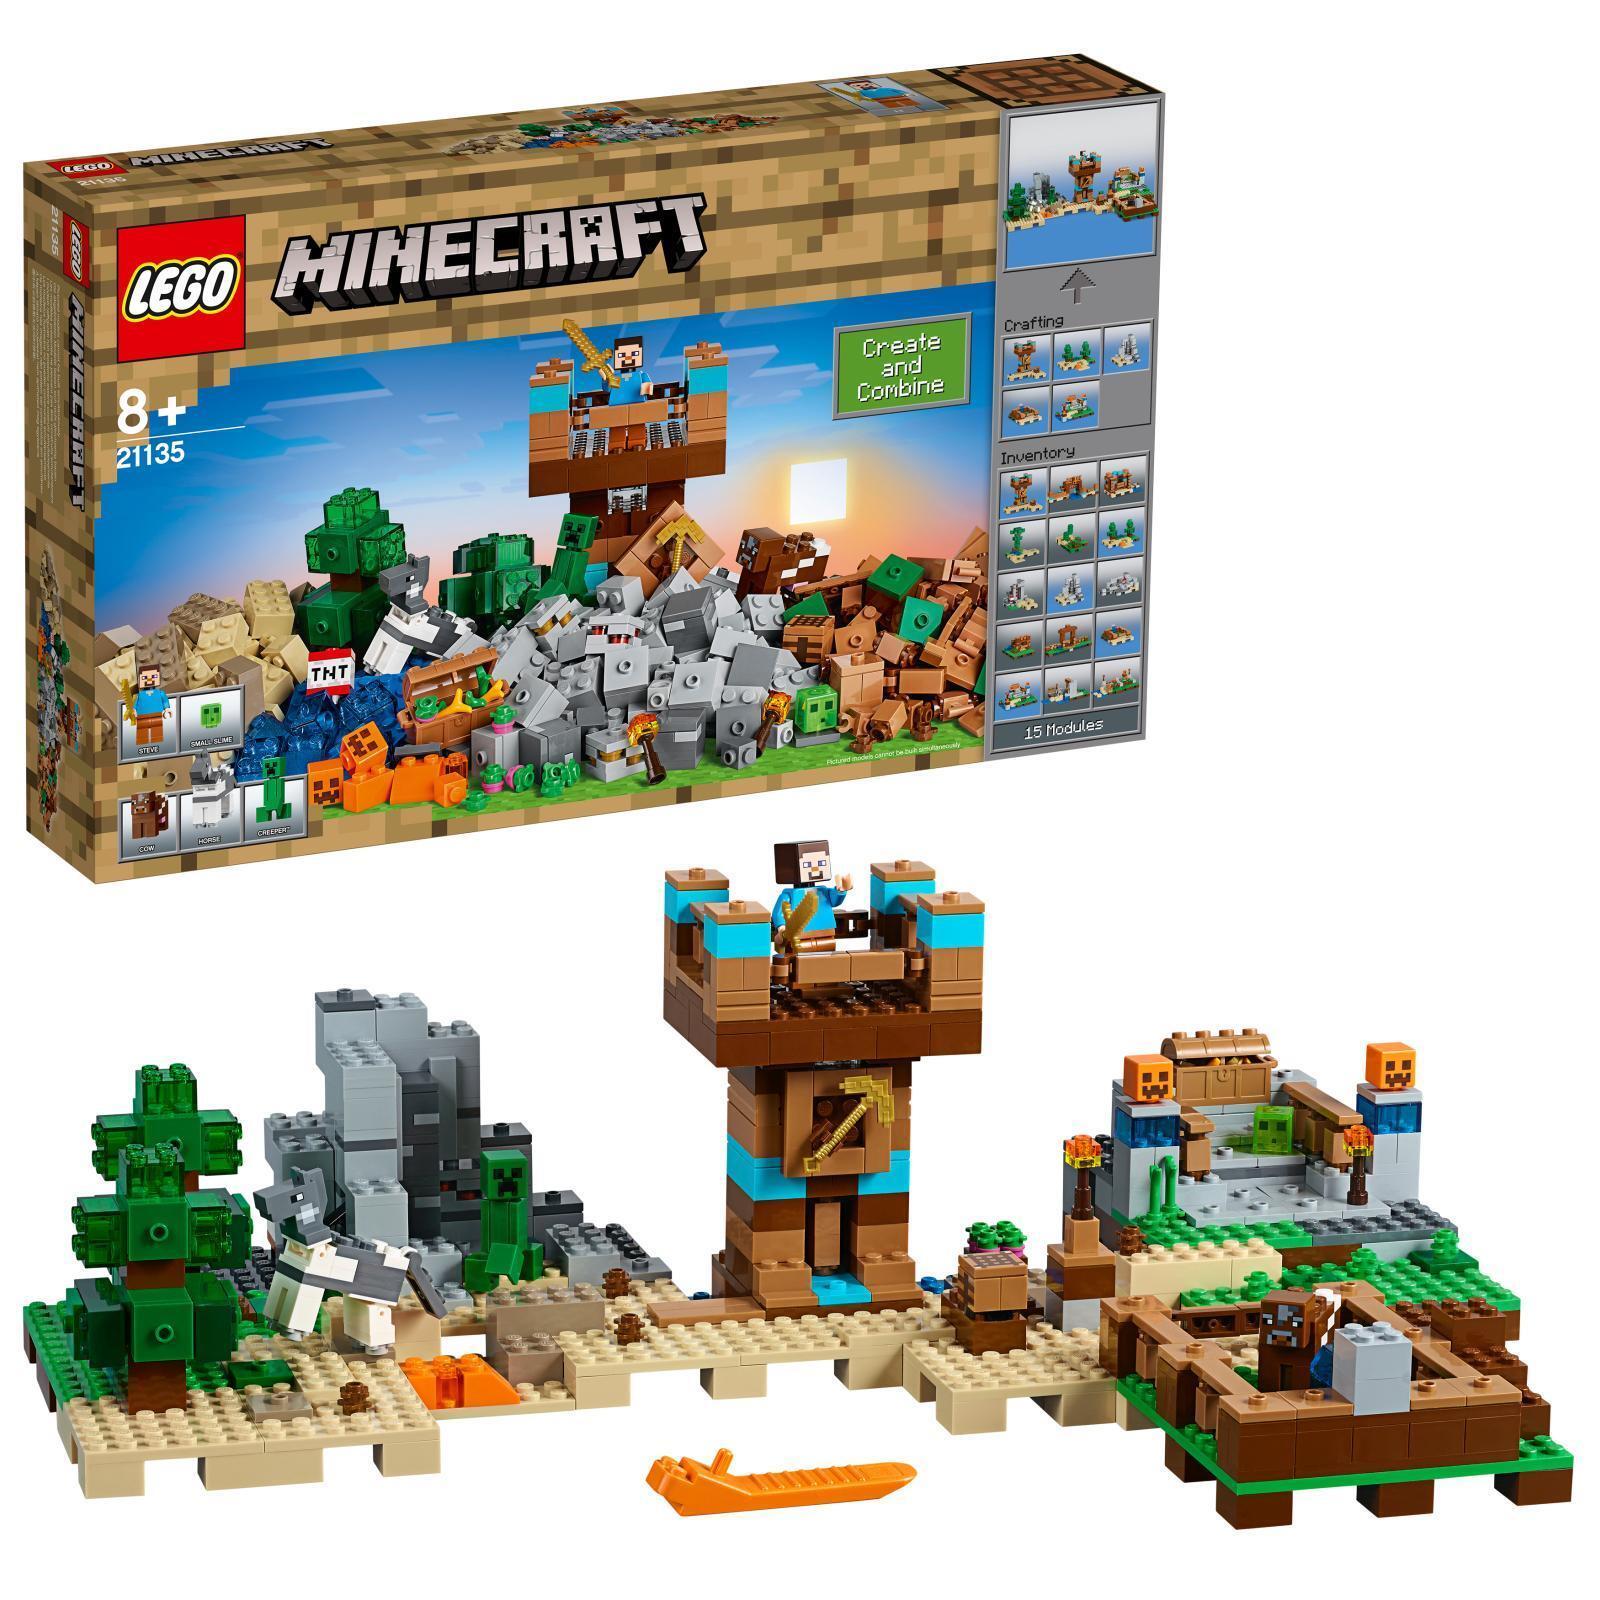 À À À la fin de l'année, j'ai acheté un grand groupe et rencontré environ dix mille ménages. Lego 21135-Minecraft les Crafting-Box 2.0 - article NEUF 1f482f